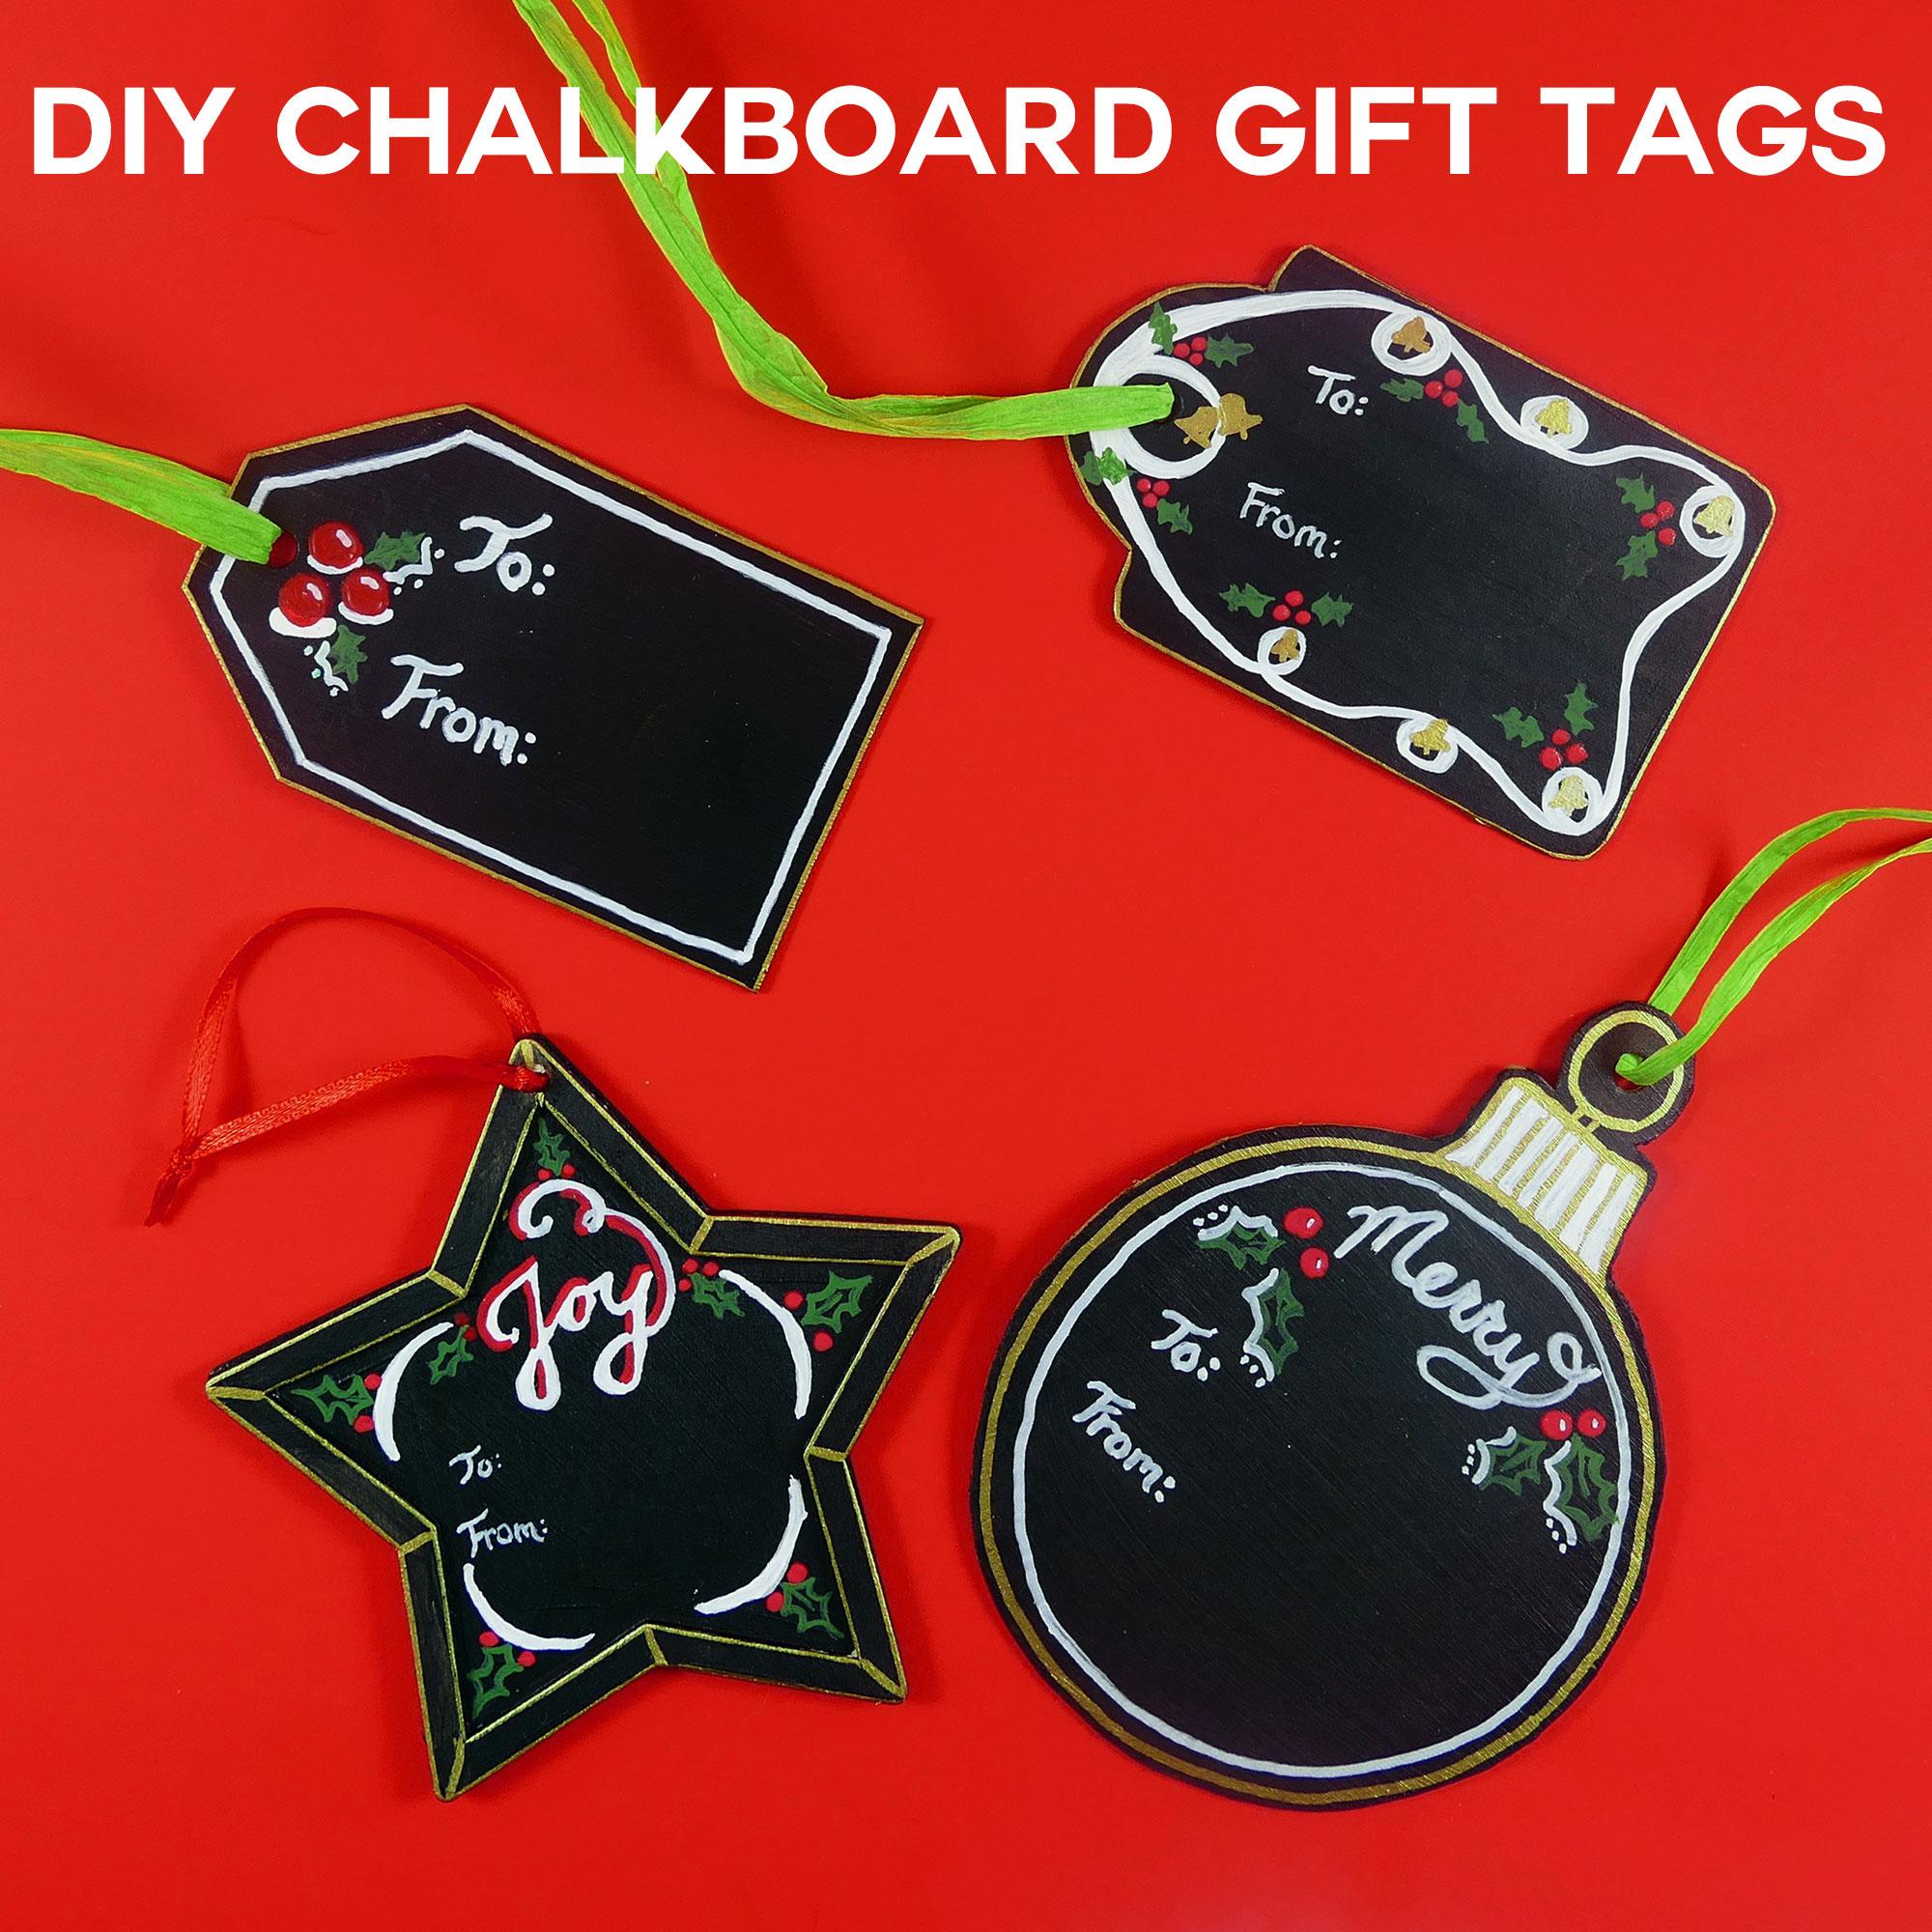 Christmas Gift Tags Diy.Diy Chalkboard Gift Tags Reuse Every Christmas Jennifer